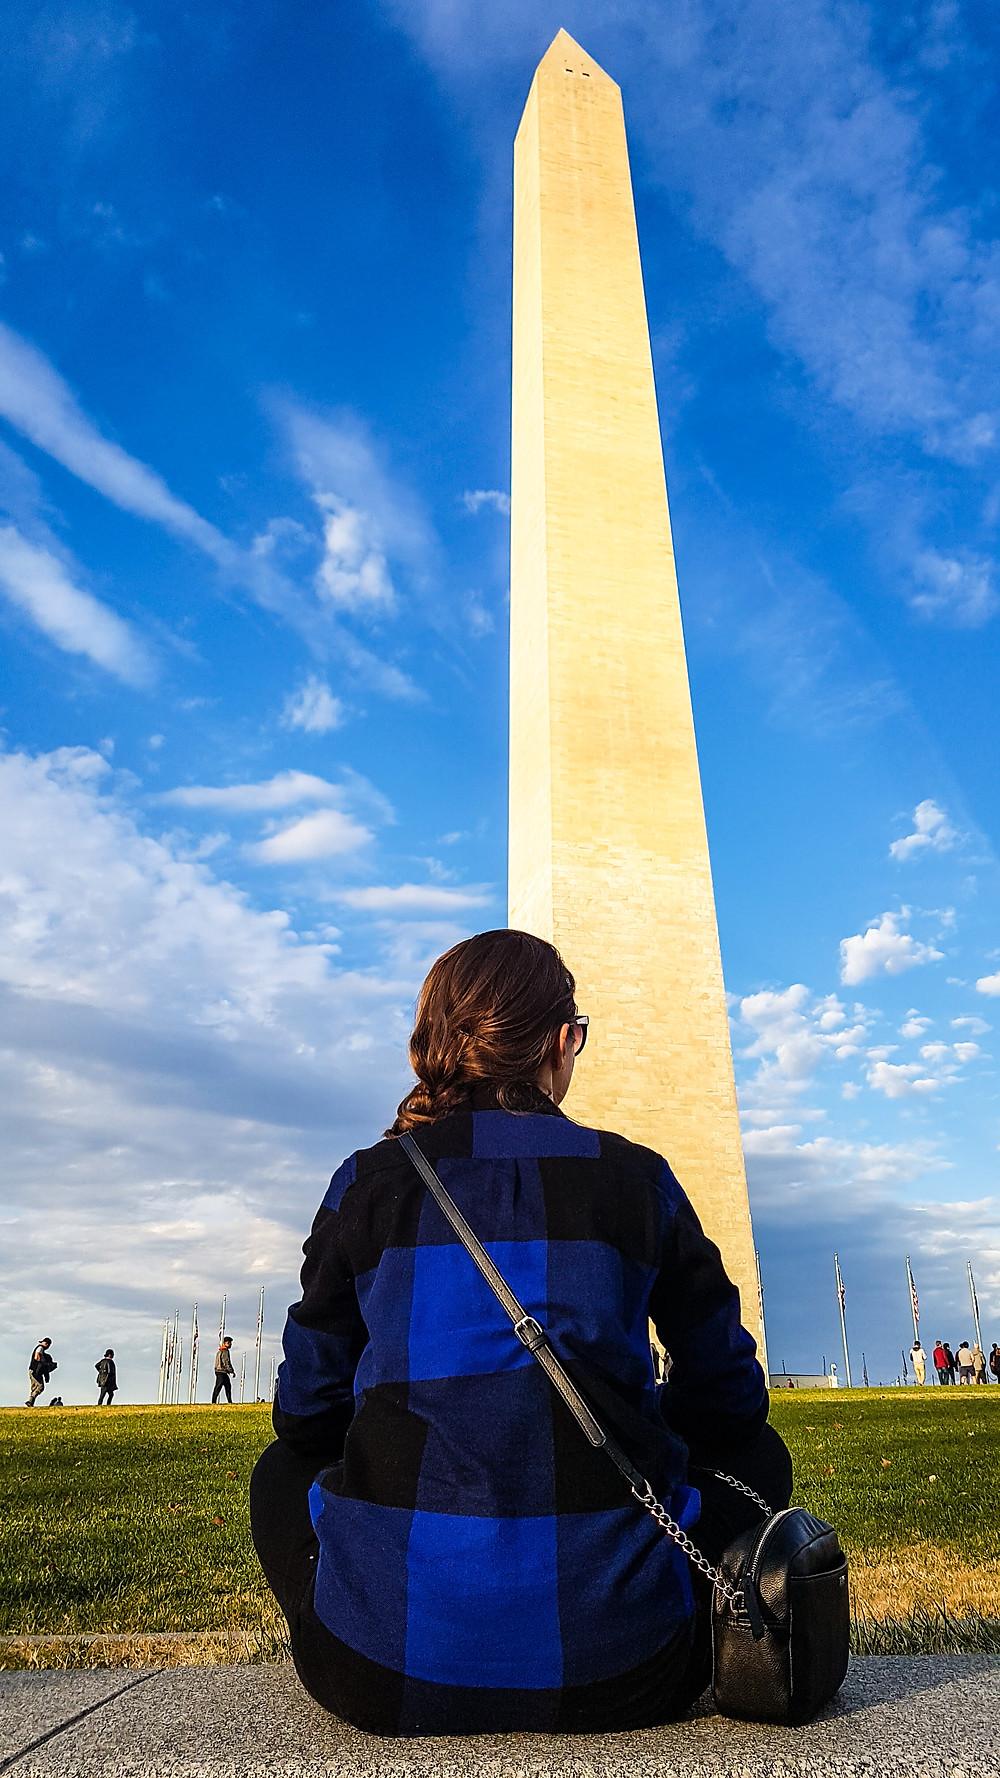 pomnik waszyngtona washington memorial usa stany zjednoczone ameryka